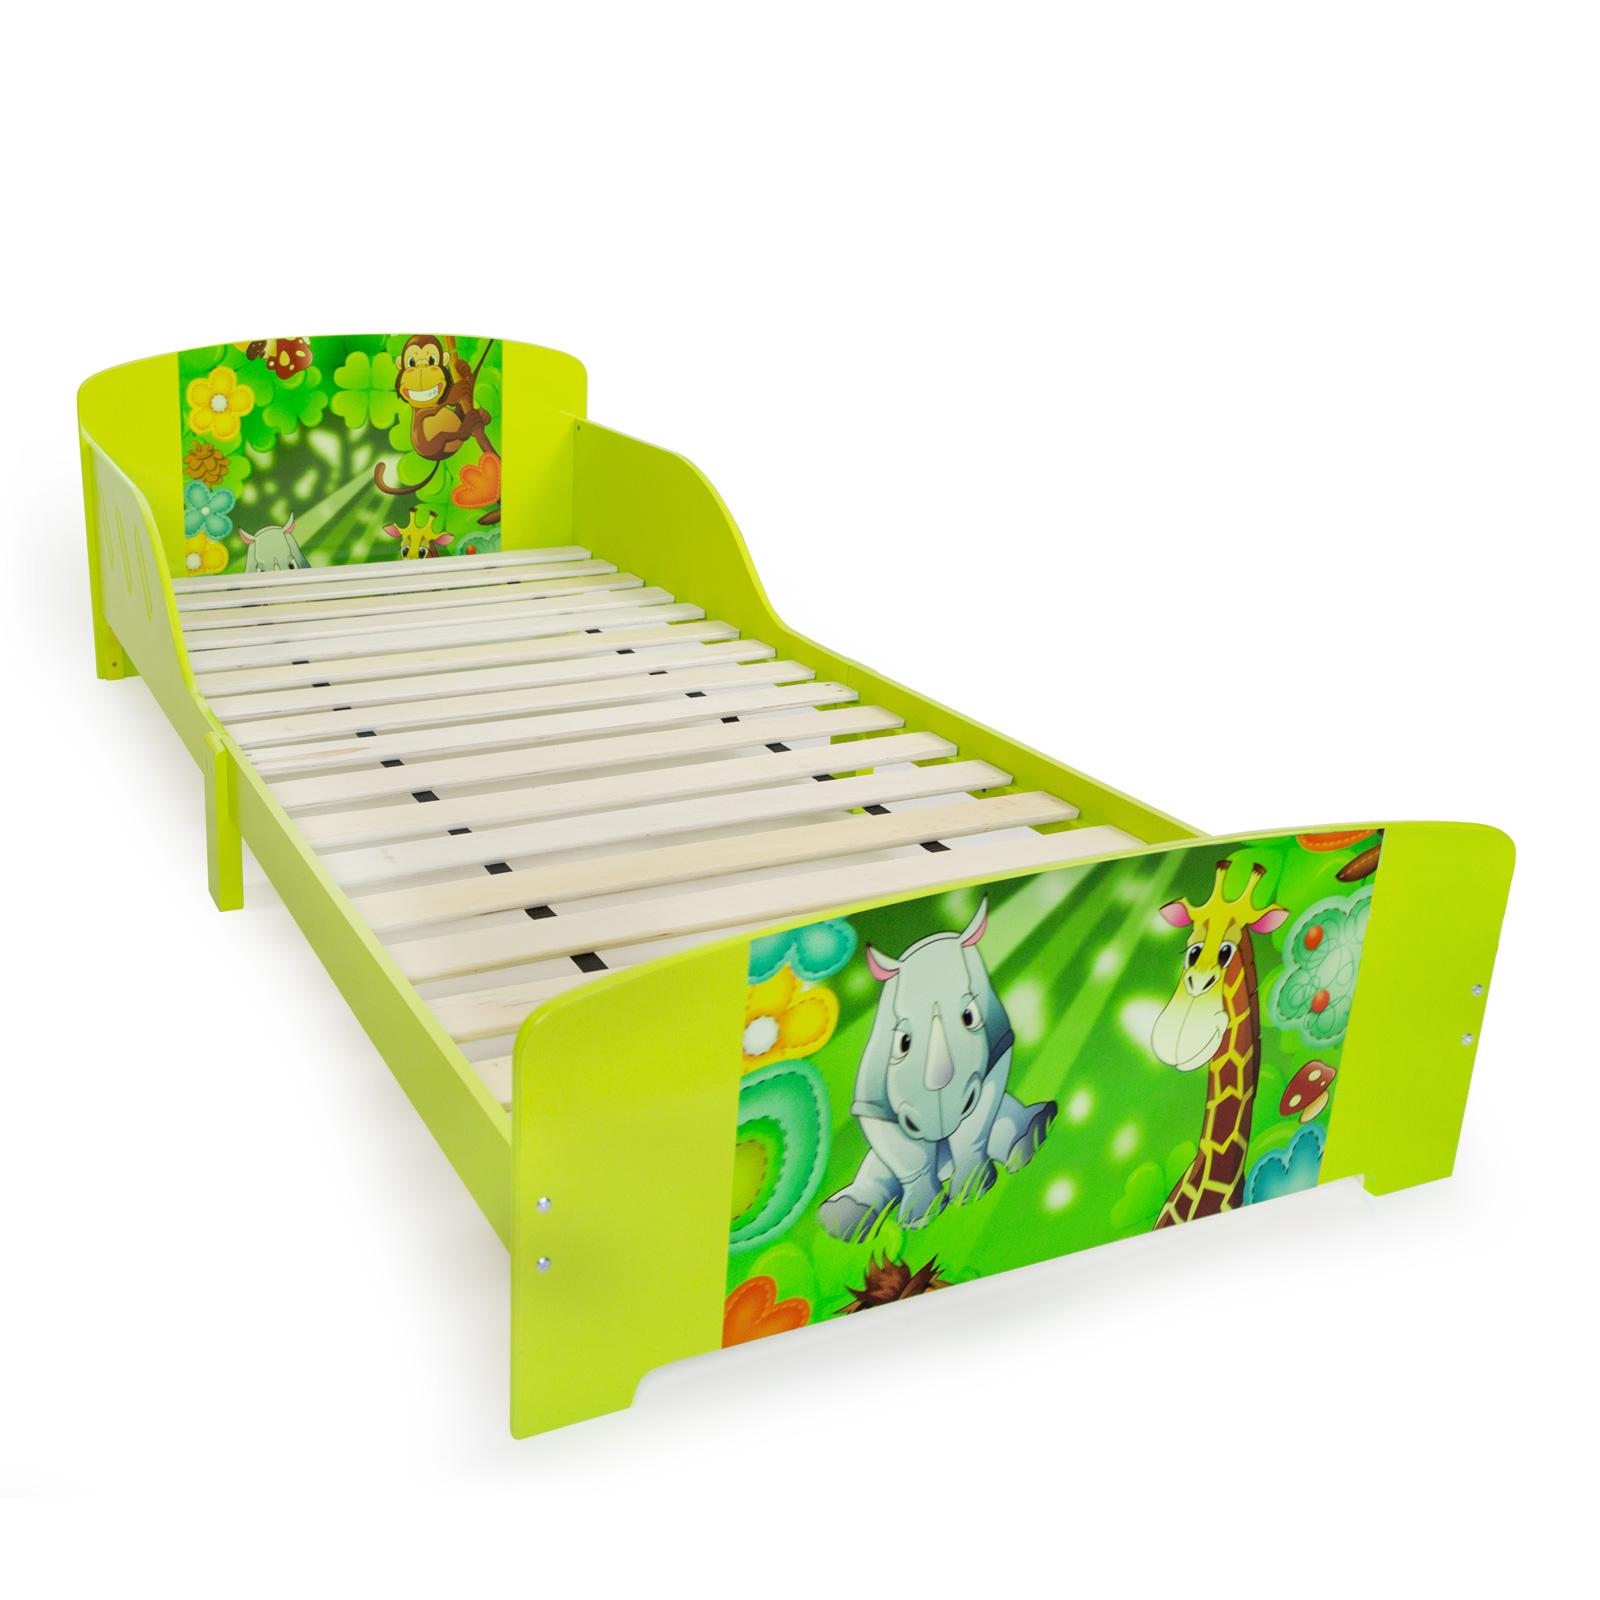 kinderbett jugendbett juniorbett dschungel kinder bett 90 x 200 kinderzimmer. Black Bedroom Furniture Sets. Home Design Ideas